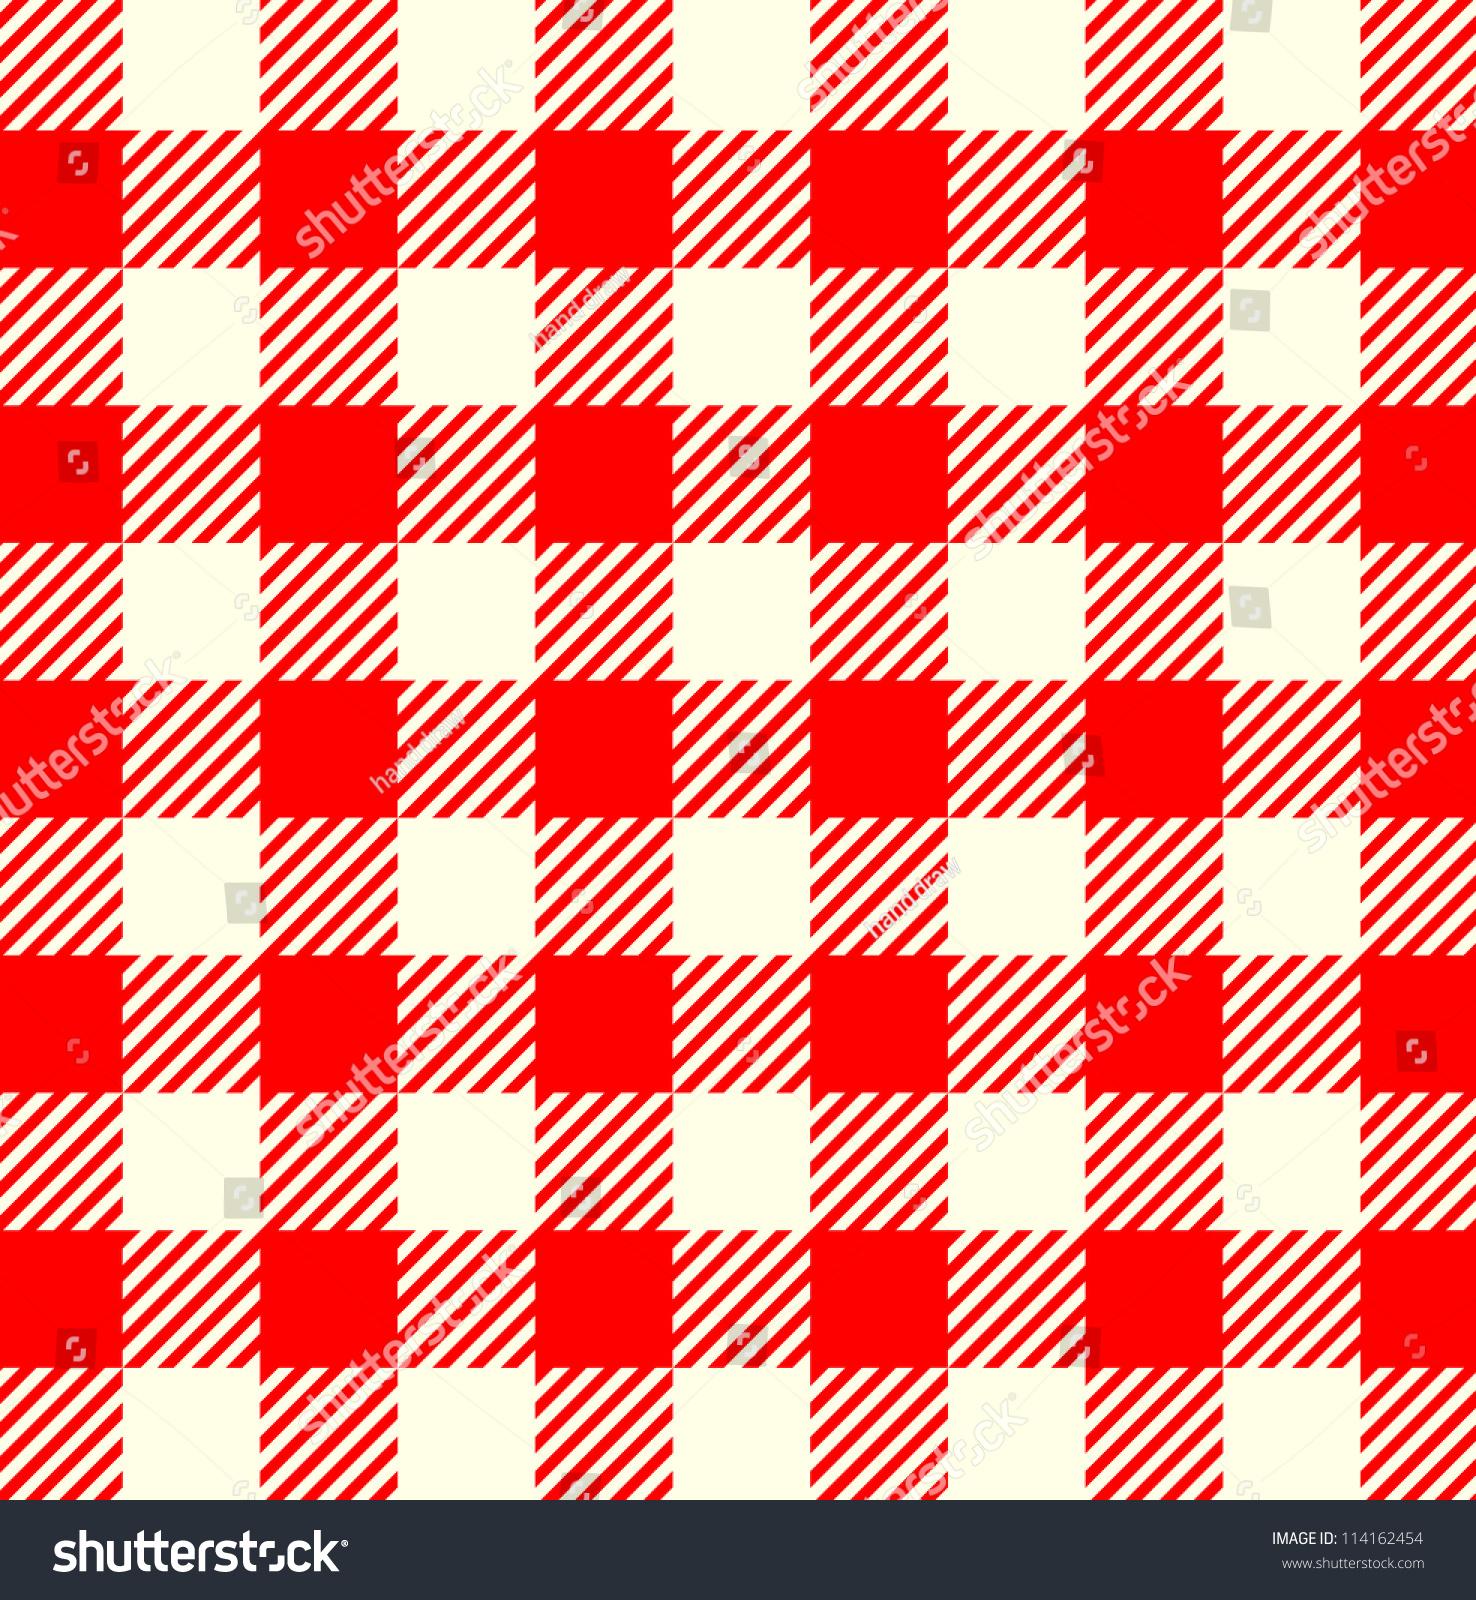 无缝红白色的桌布图案-背景/素材,公园/户外-海洛创意